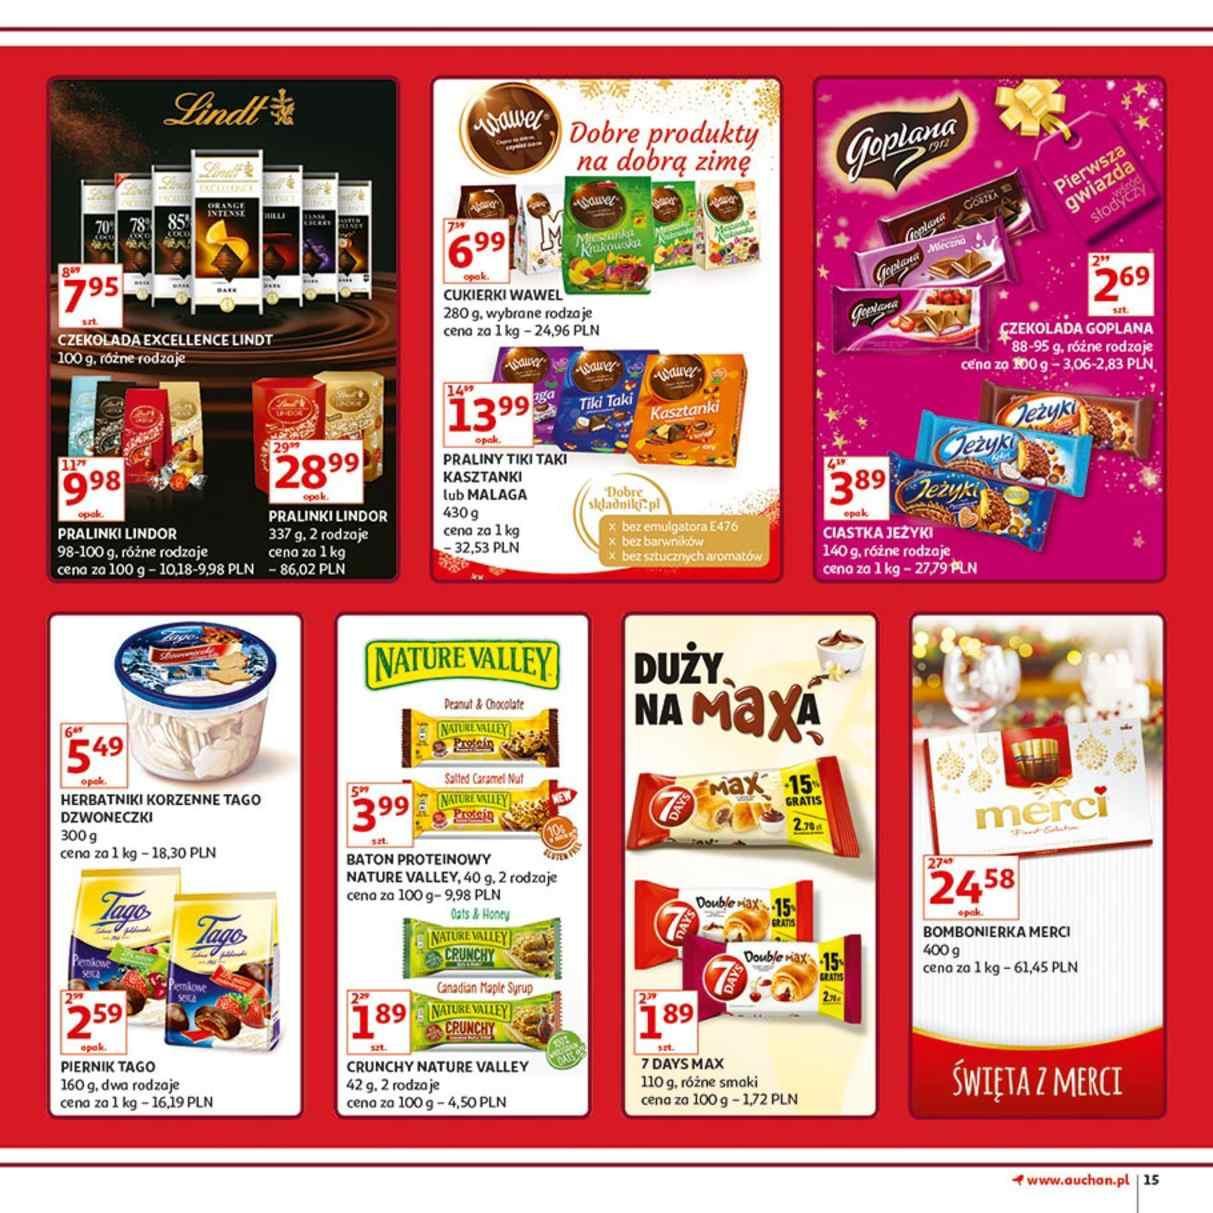 Gazetka promocyjna Auchan do 12/12/2018 str.15